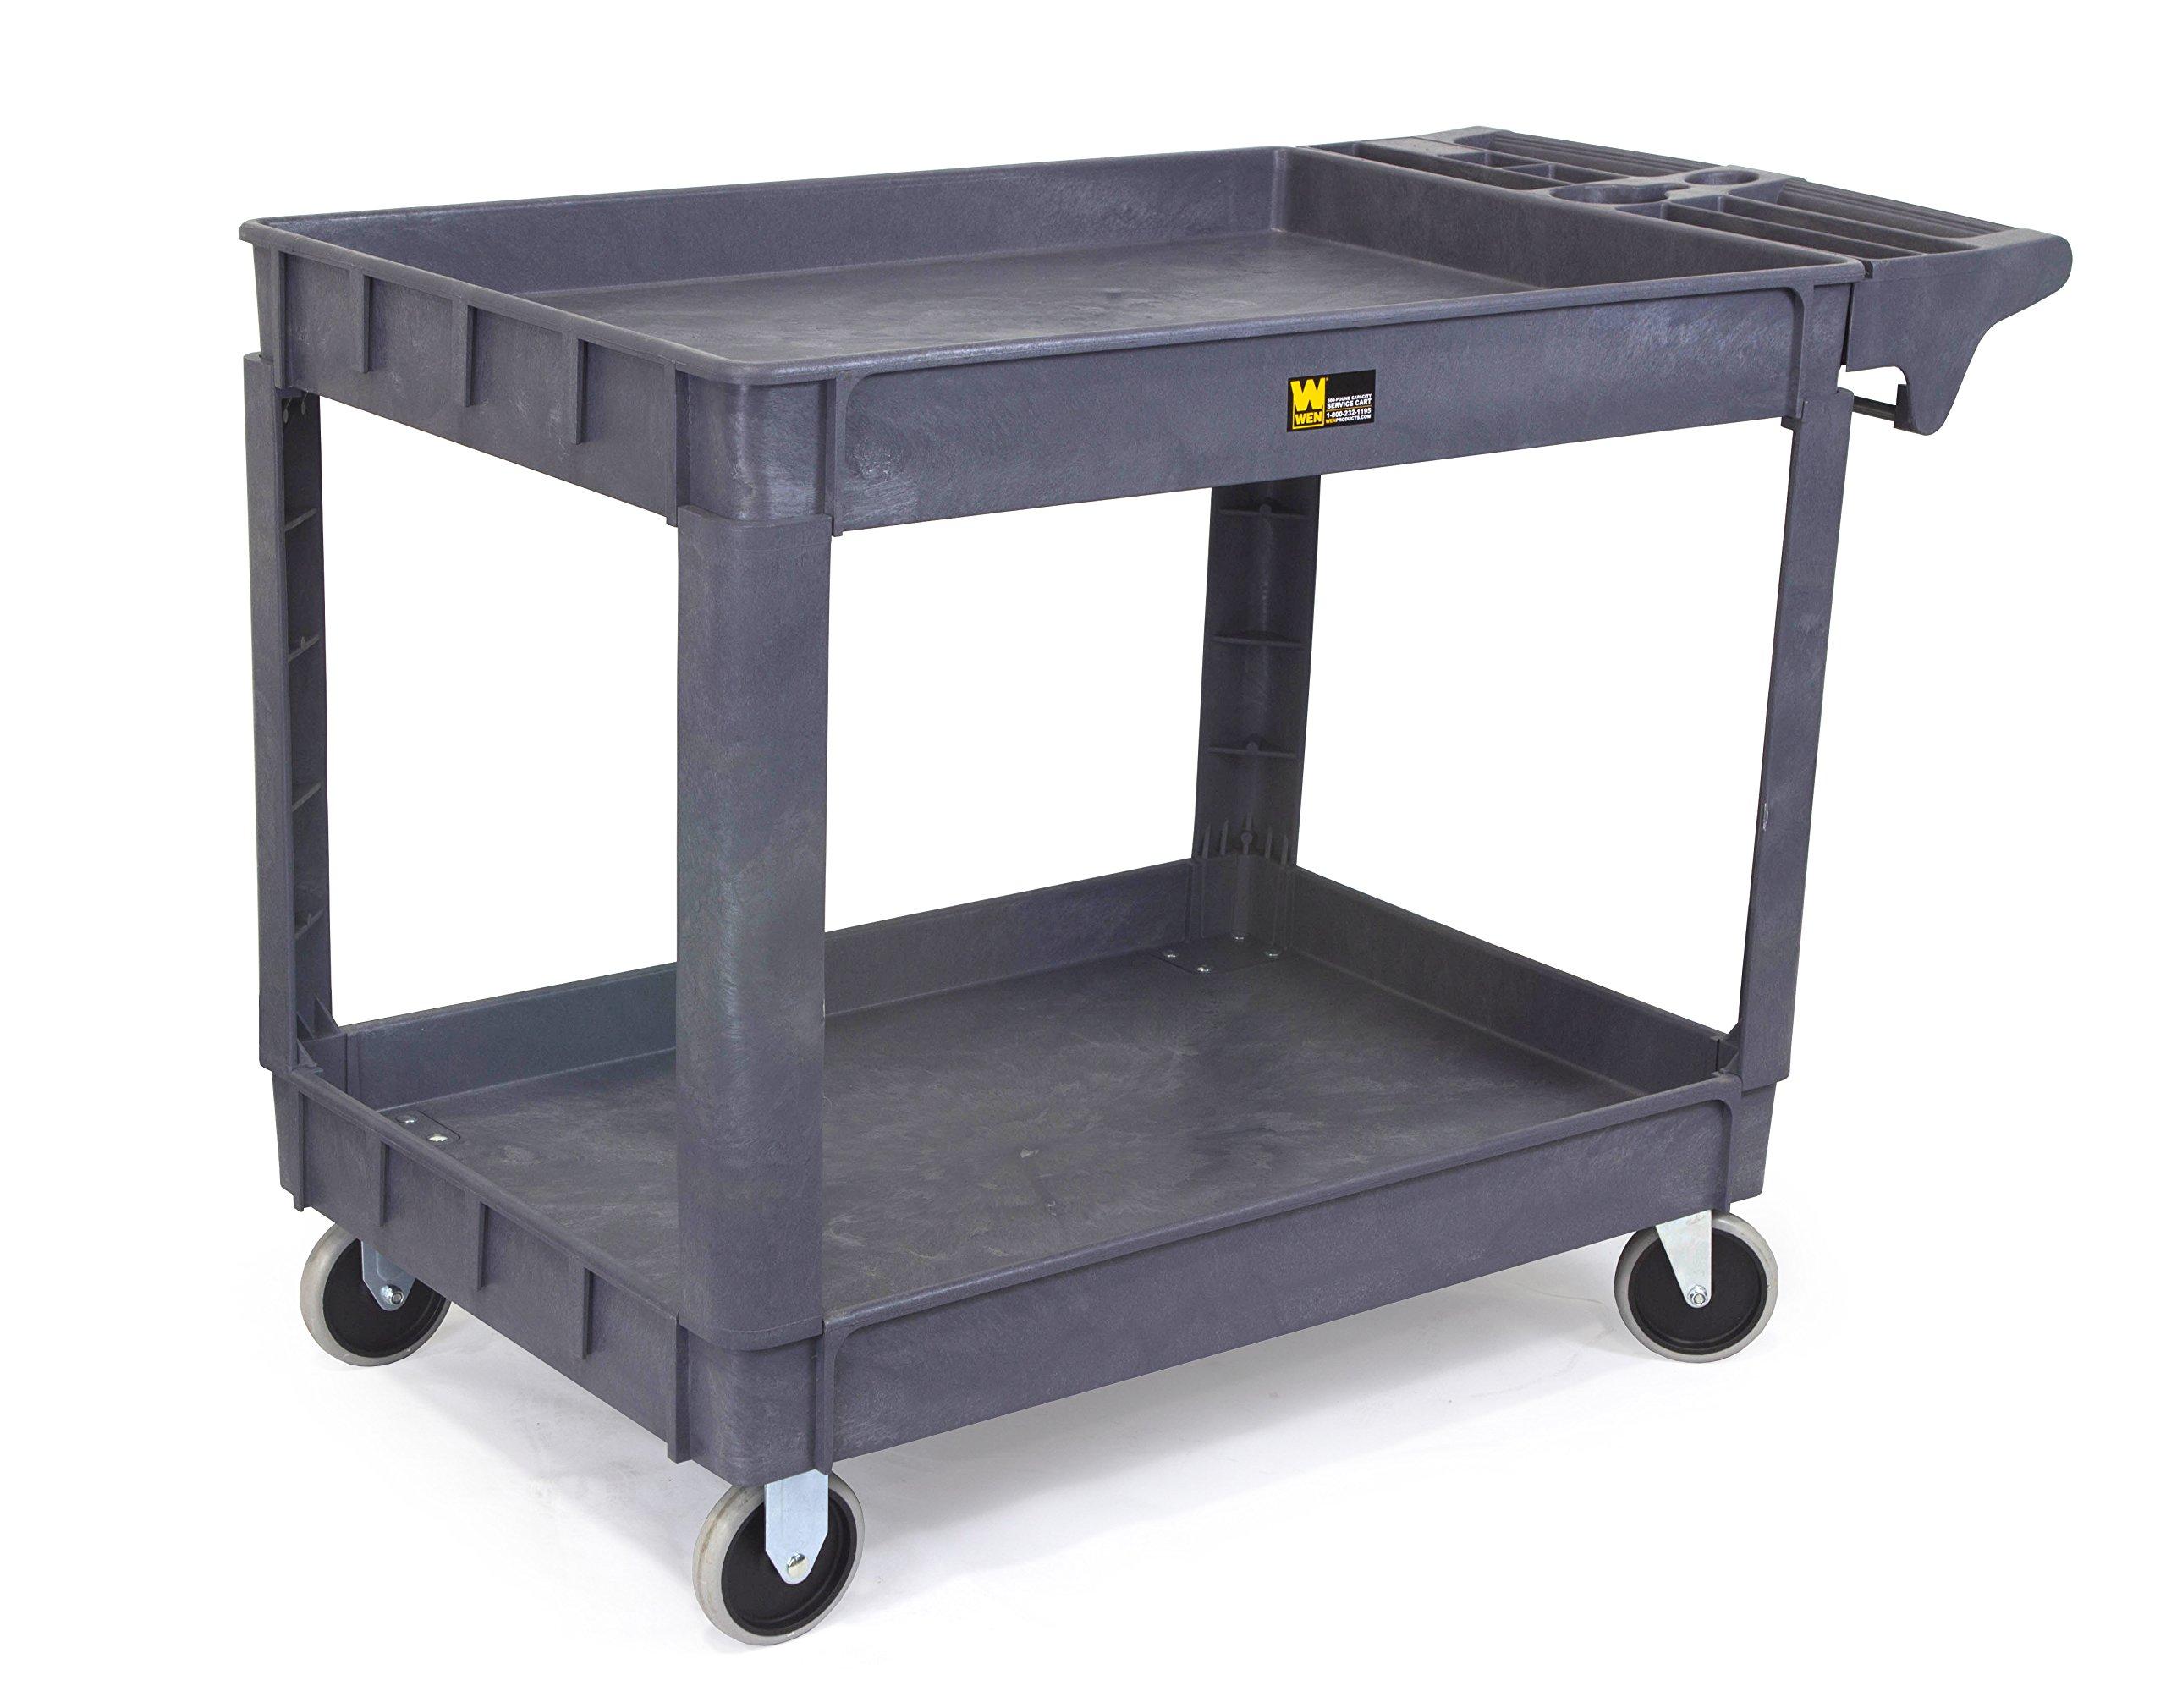 WEN 73004 500 lb Capacity Service Cart, X-Large